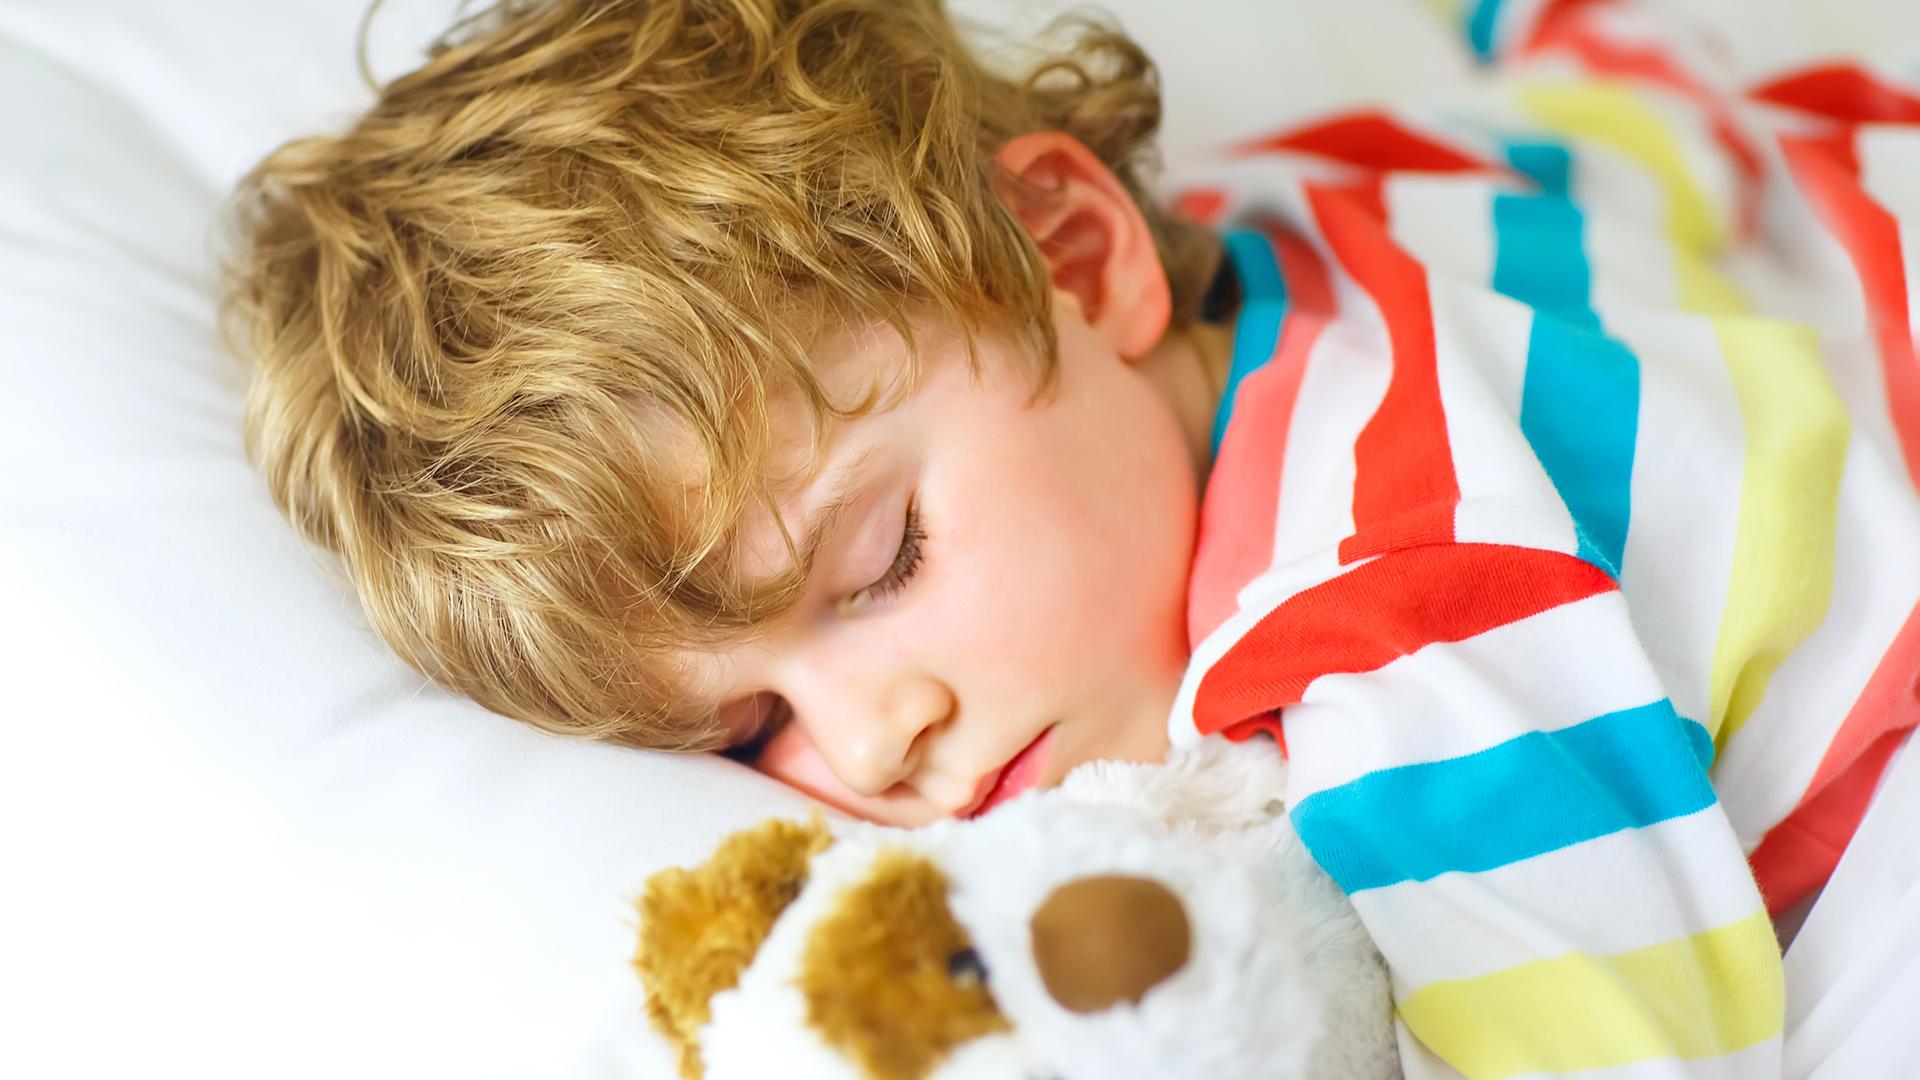 Es un gran mito el que no se puede dormir luego de el golpe en la cabeza (Getty Images)